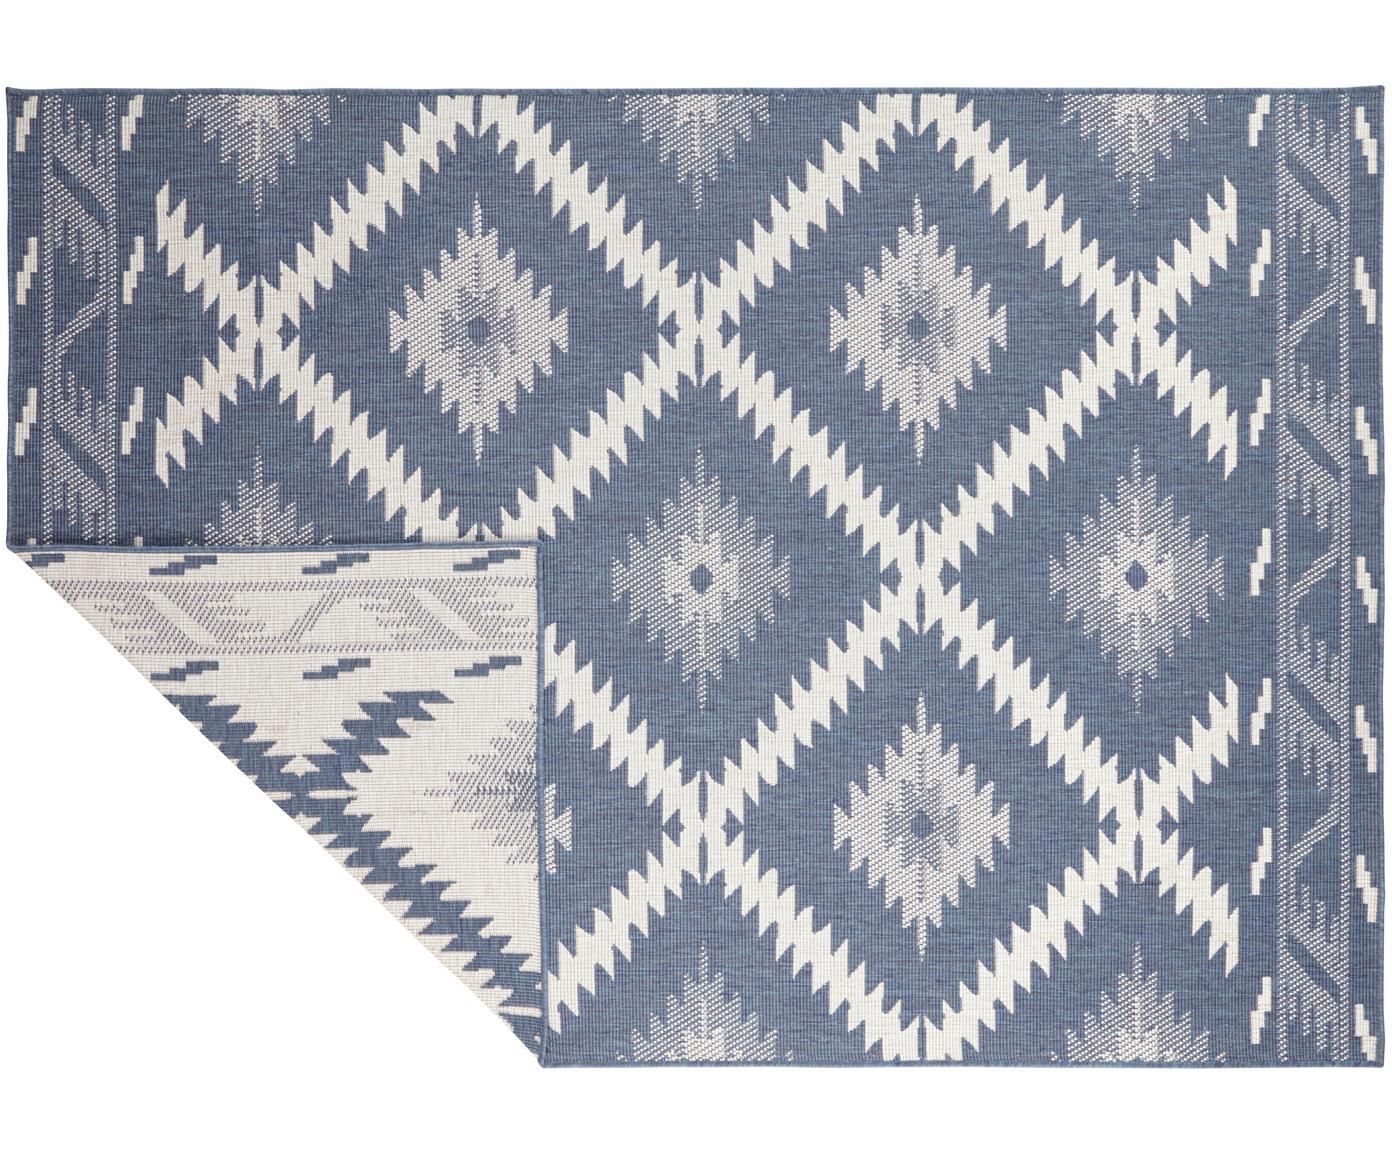 Dubbelzijdig in- & outdoor vloerkleed Malibu, Blauw, crèmekleurig, B 120 x L 170 cm (maat S)